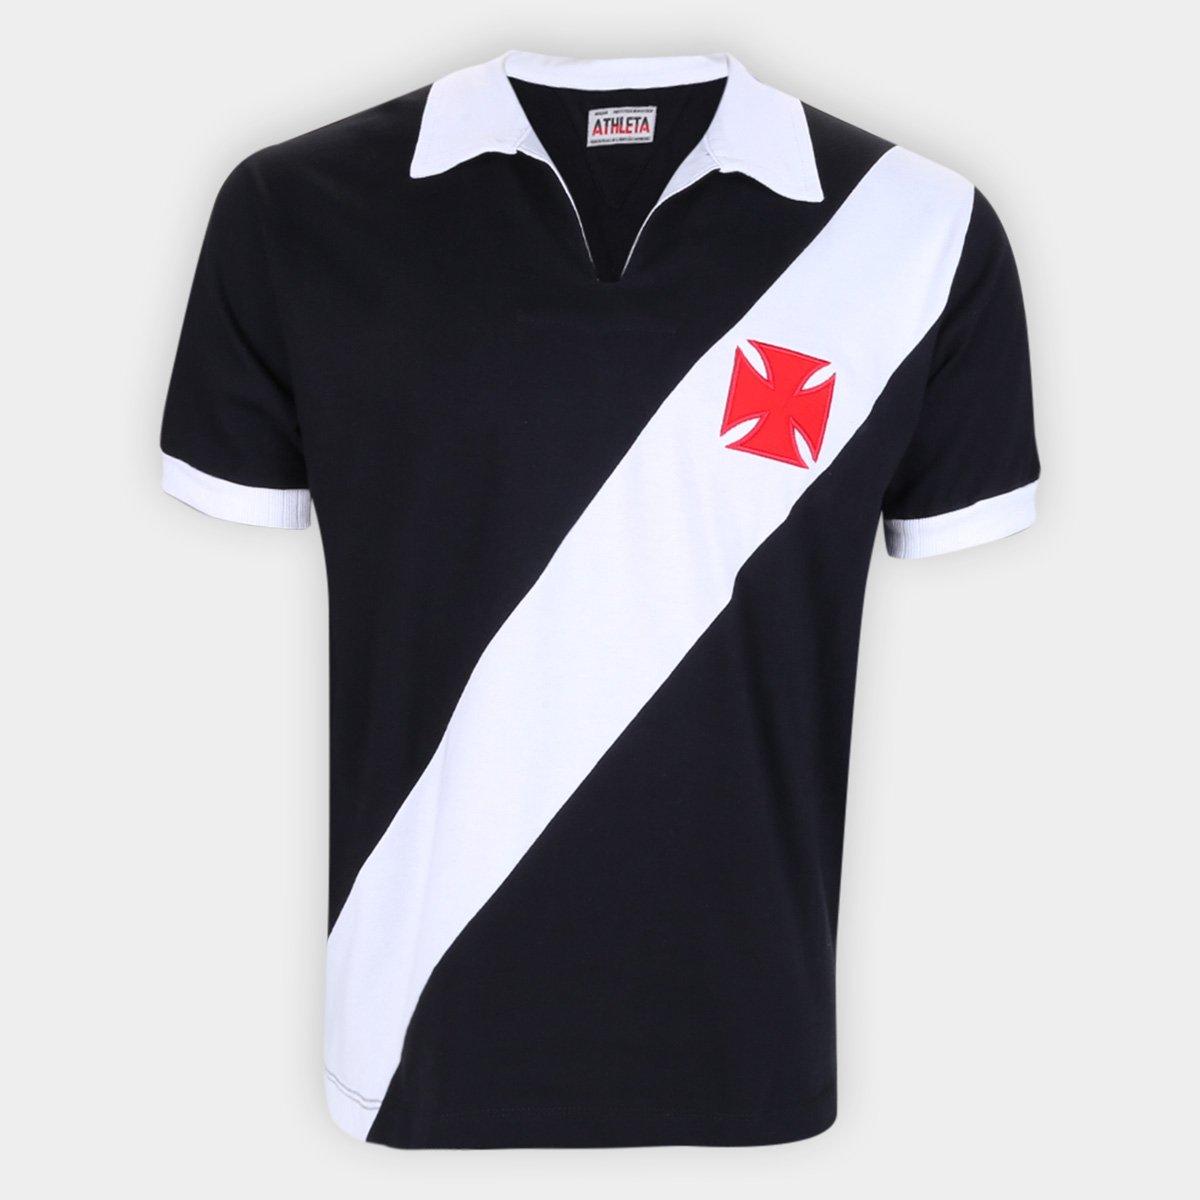 Camisa Athleta Retrô Masculina Anos 60 - Preta